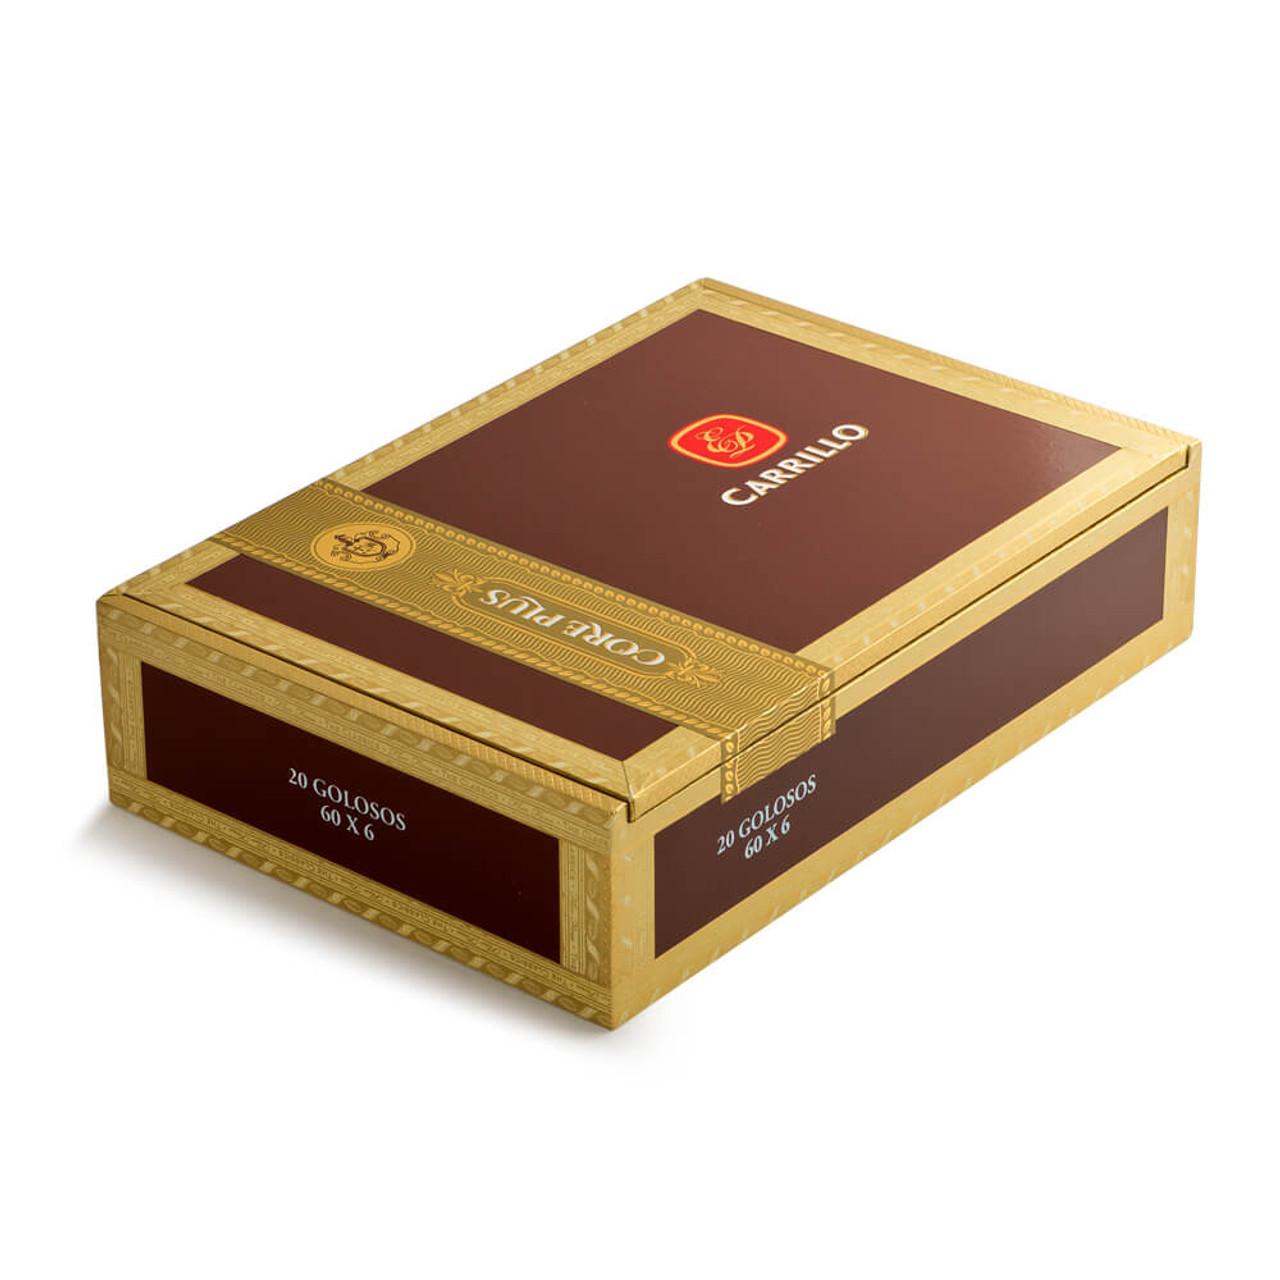 E.P. Carrillo Core Plus Golosos Maduro Cigars - 6 x 60 (Box of 20)